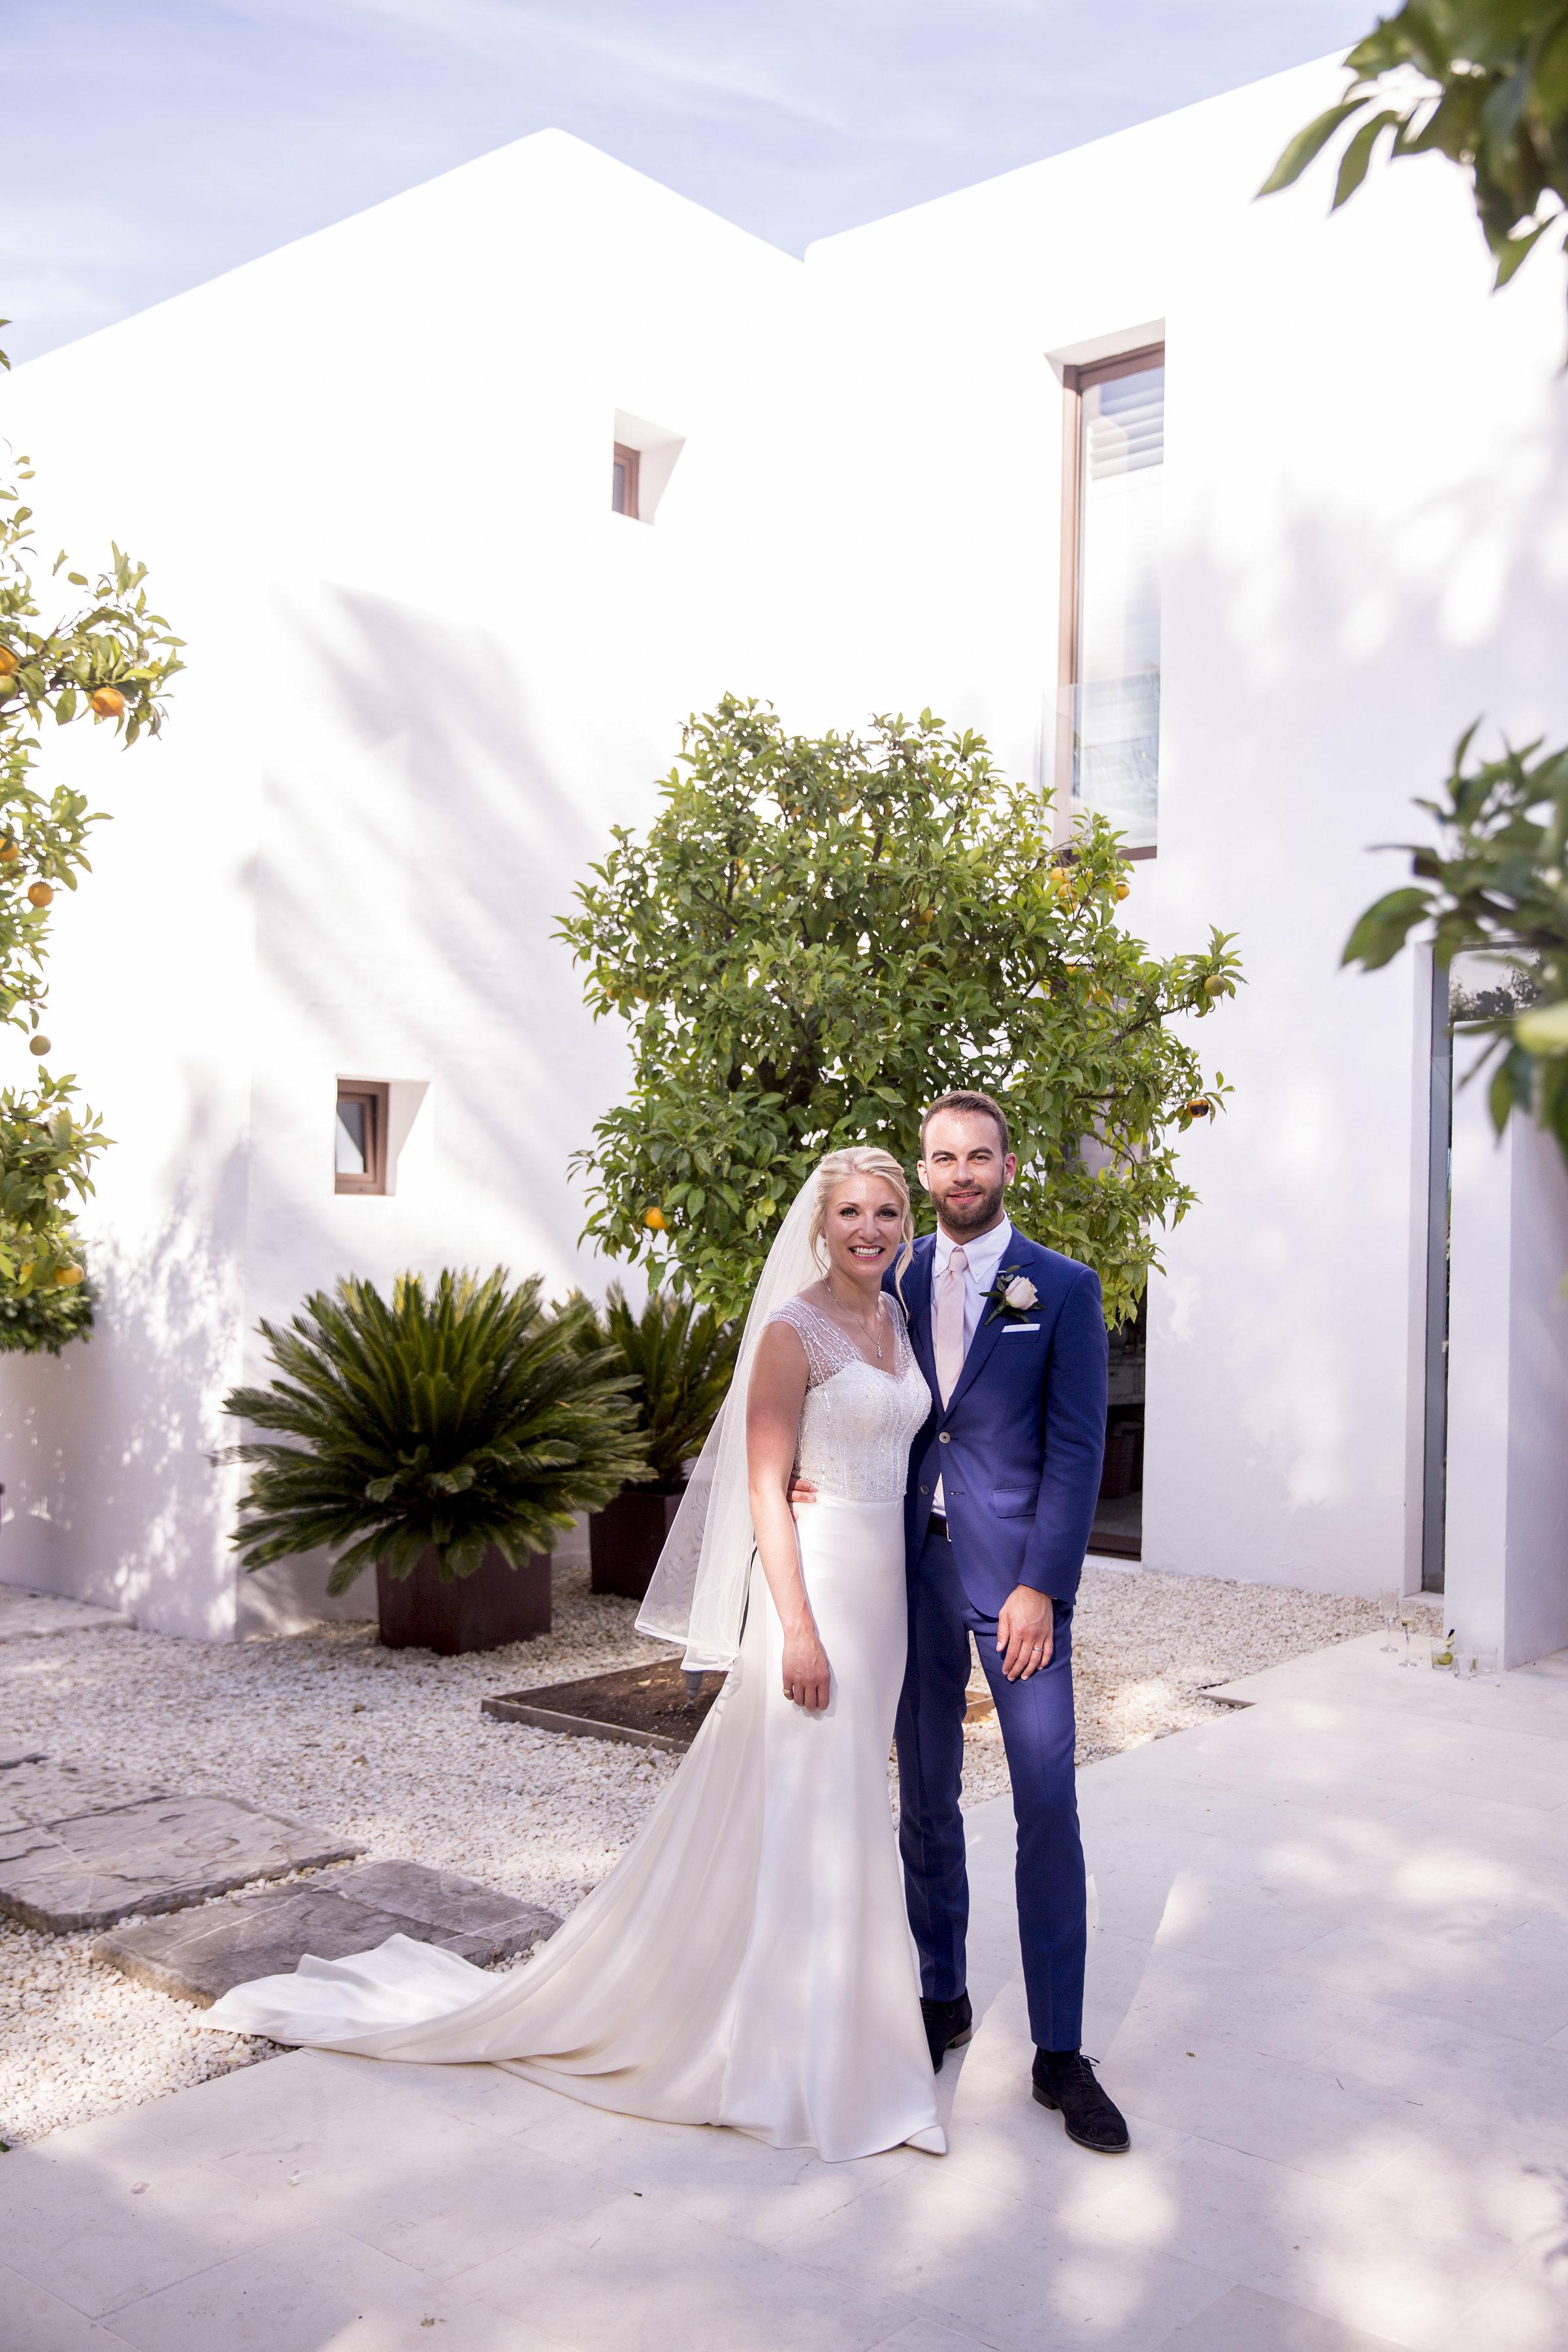 Emma_&_John_Ibiza_Wedding_325_1482.jpg